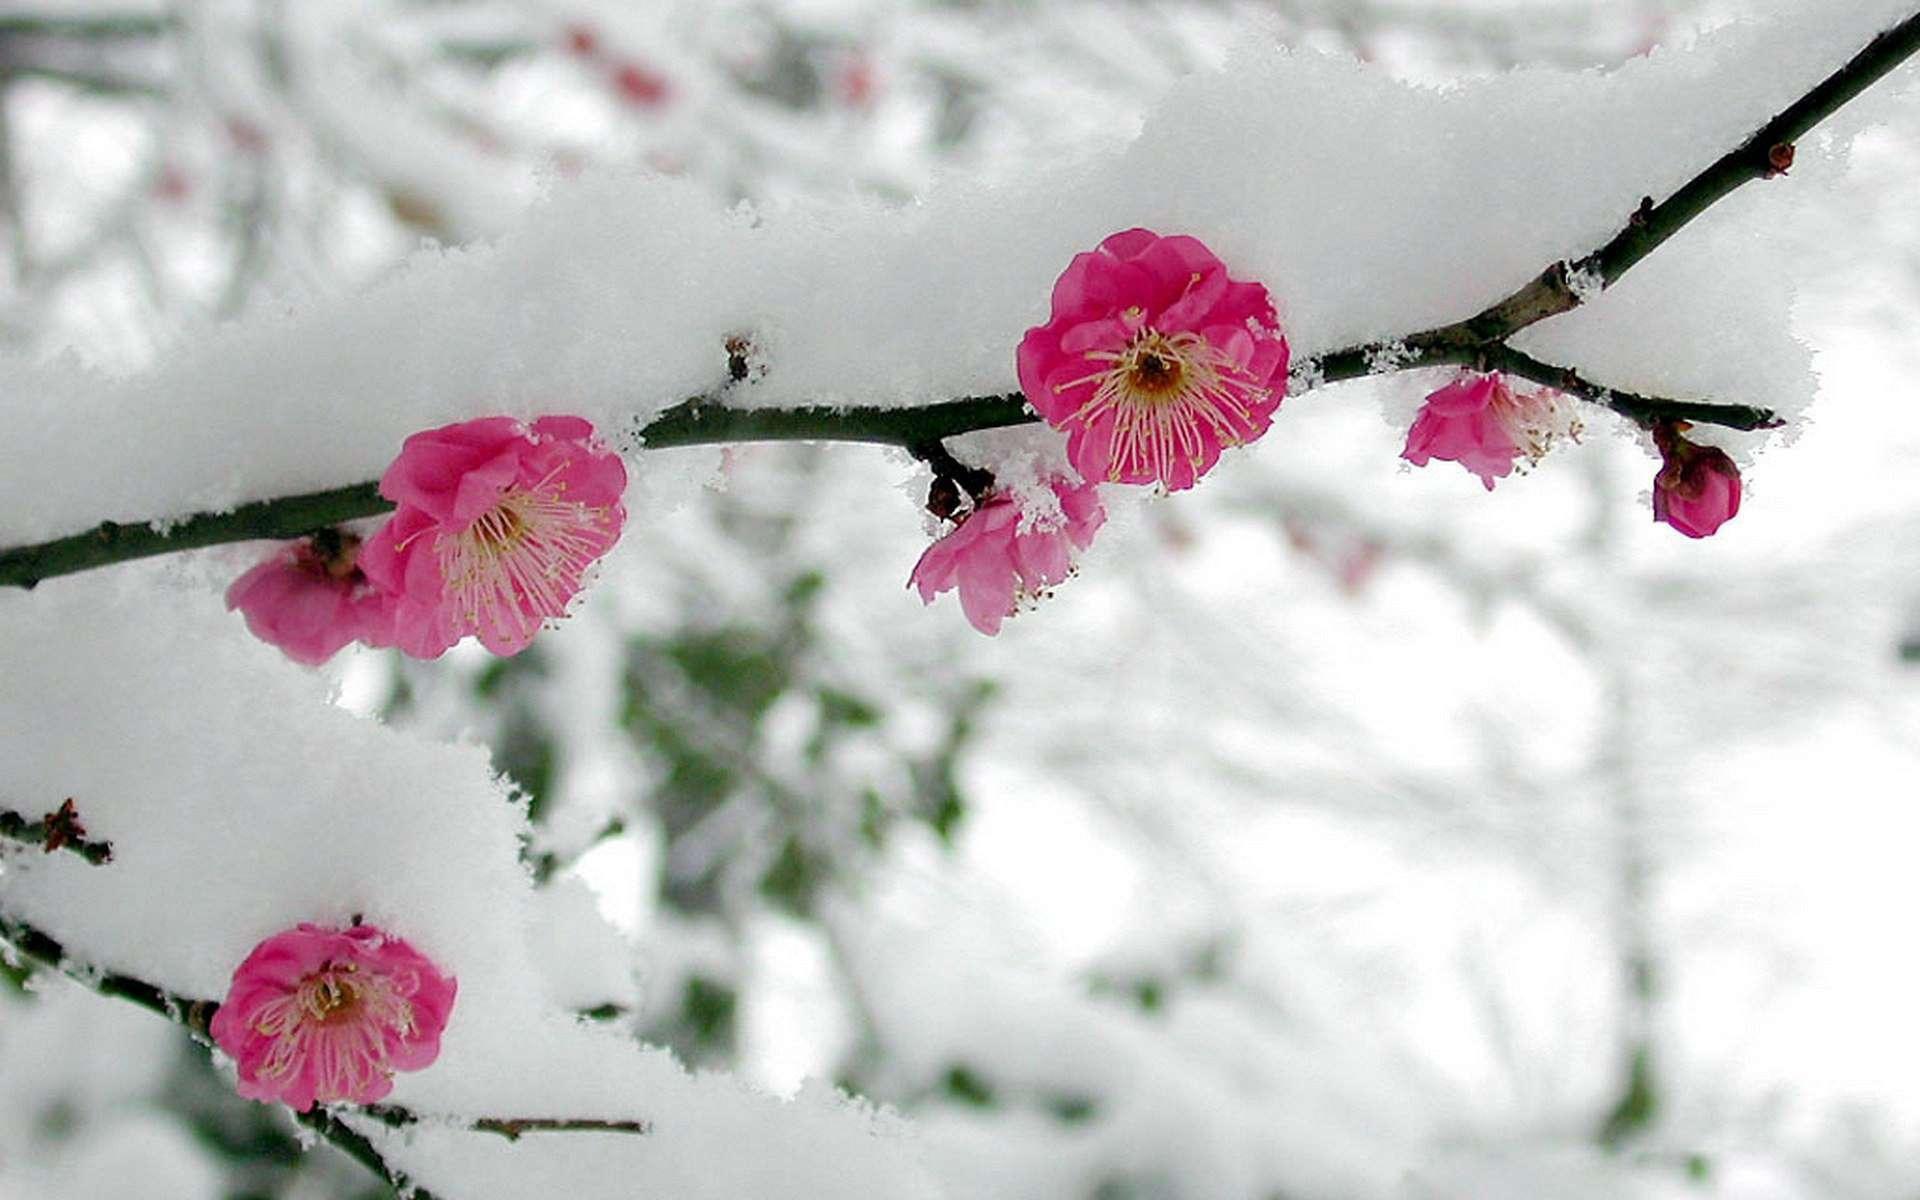 диснеевском мультфильме картинки на телефон зима весна нужно восстановить шифр